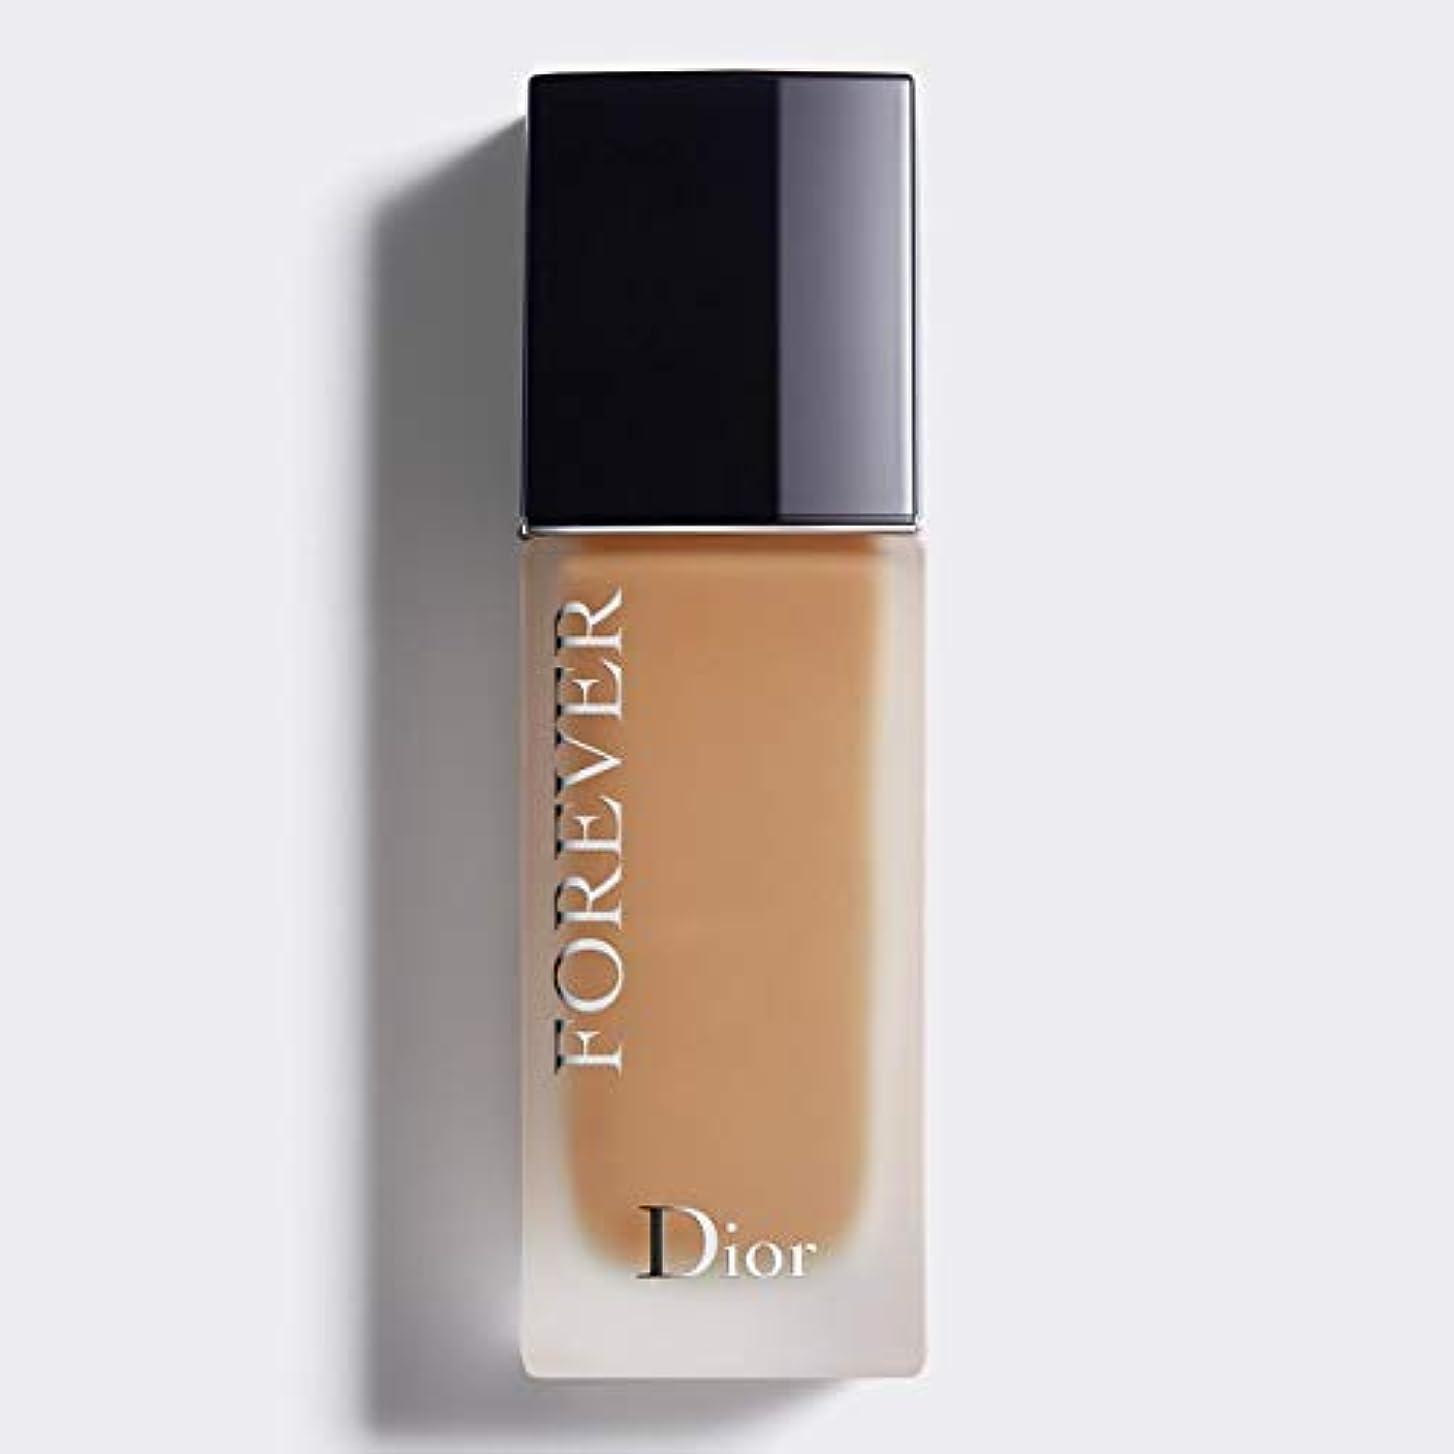 レガシー公使館飲み込むクリスチャンディオール Dior Forever 24H Wear High Perfection Foundation SPF 35 - # 4W (Warm) 30ml/1oz並行輸入品